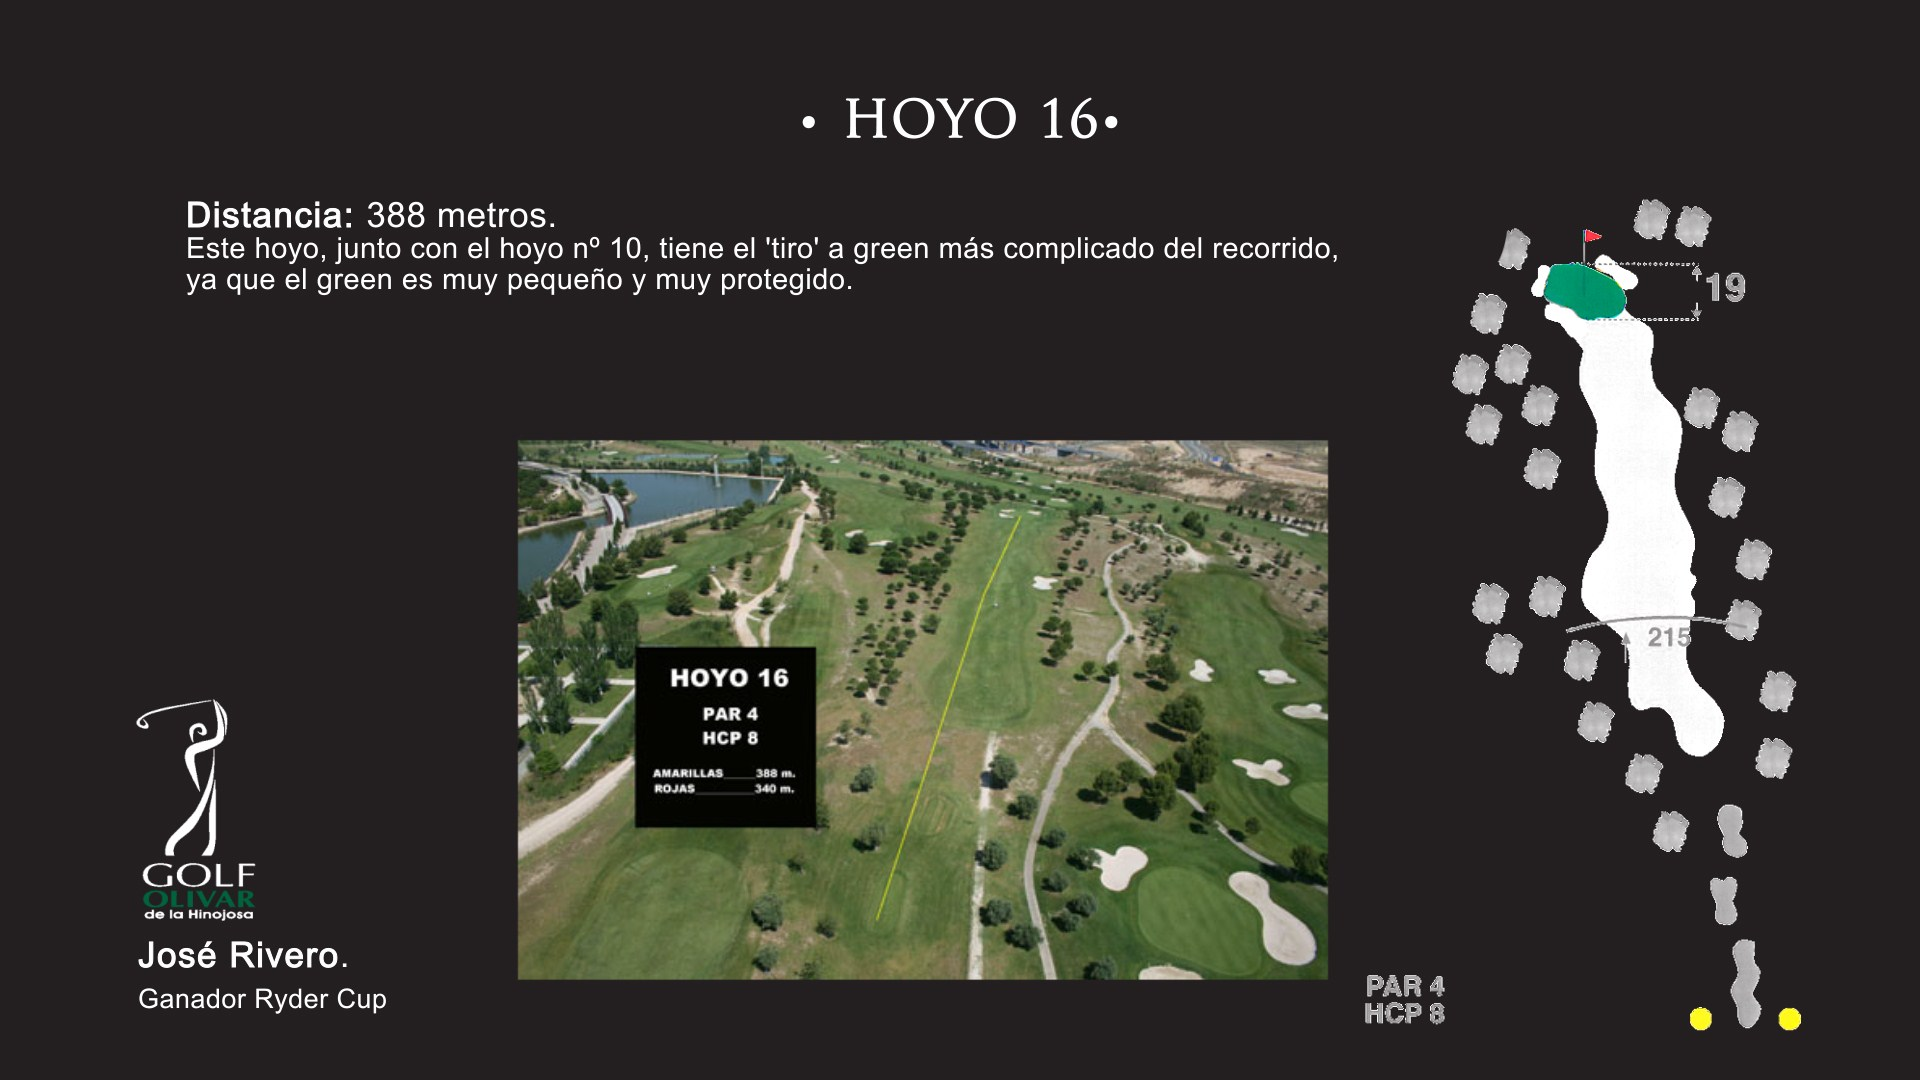 Hoyo 16 Olivar de la Hinojosa